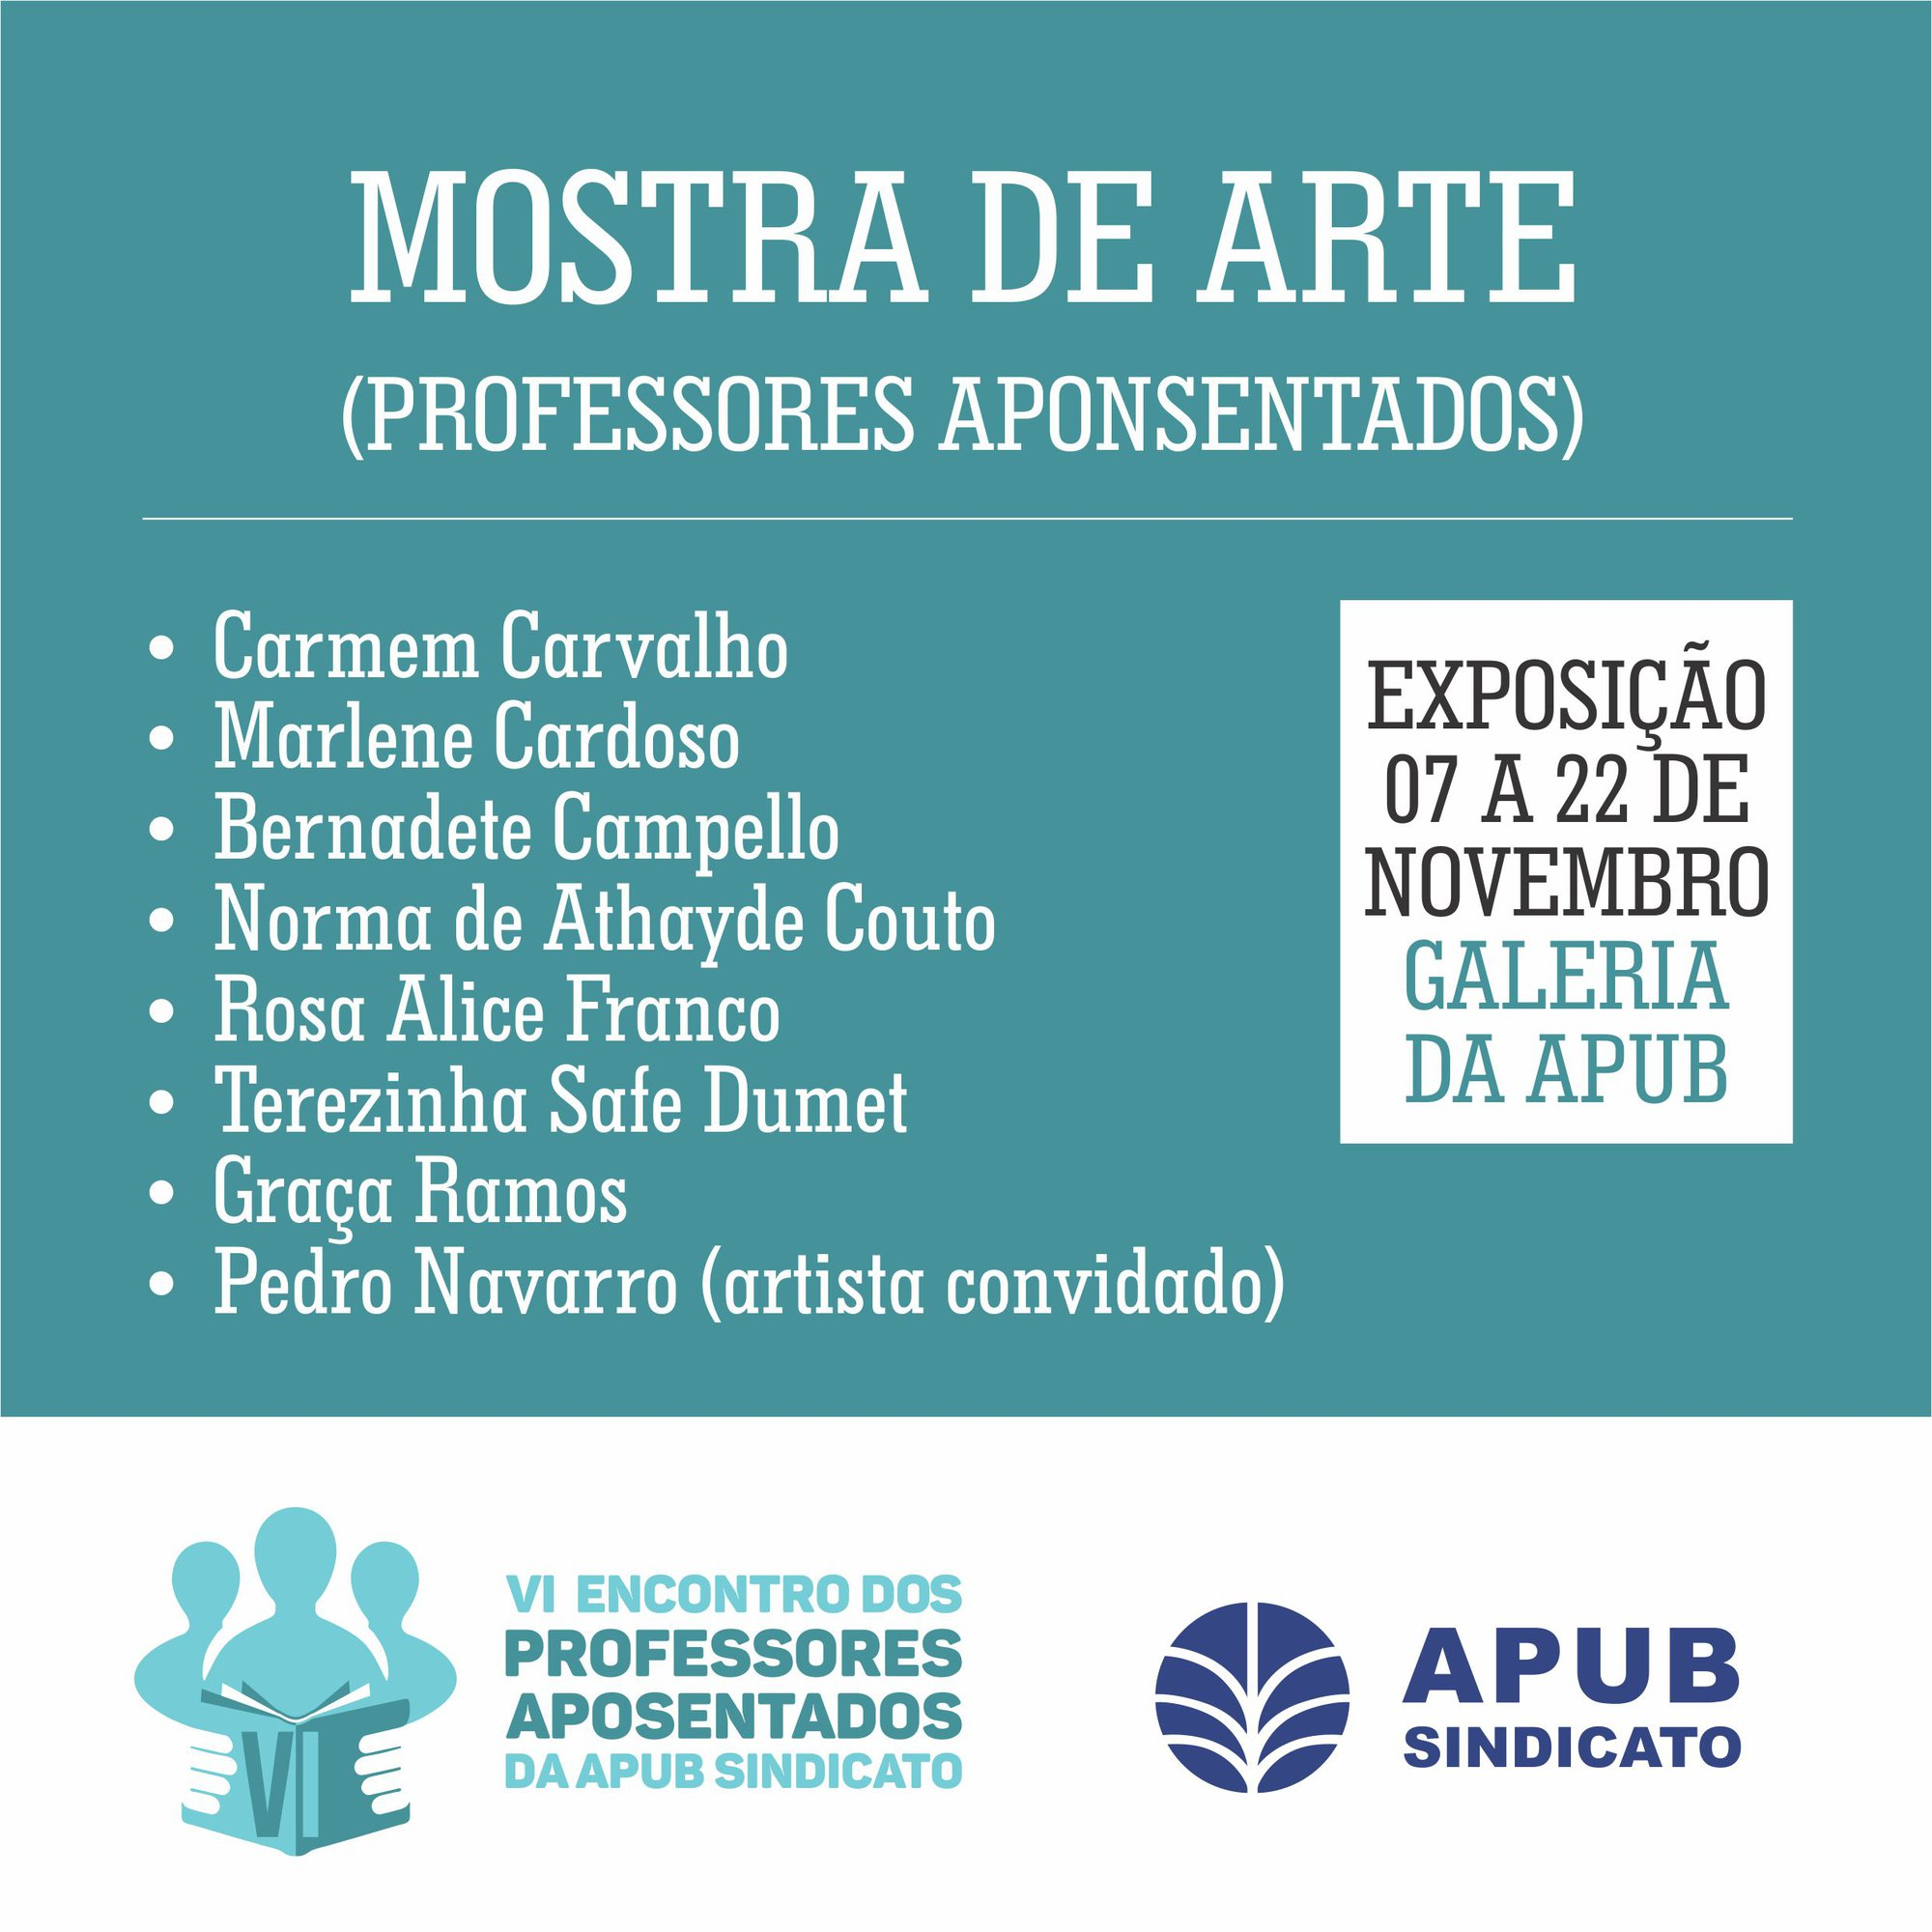 CARD-EXPOSICAO-APOSENTADOS